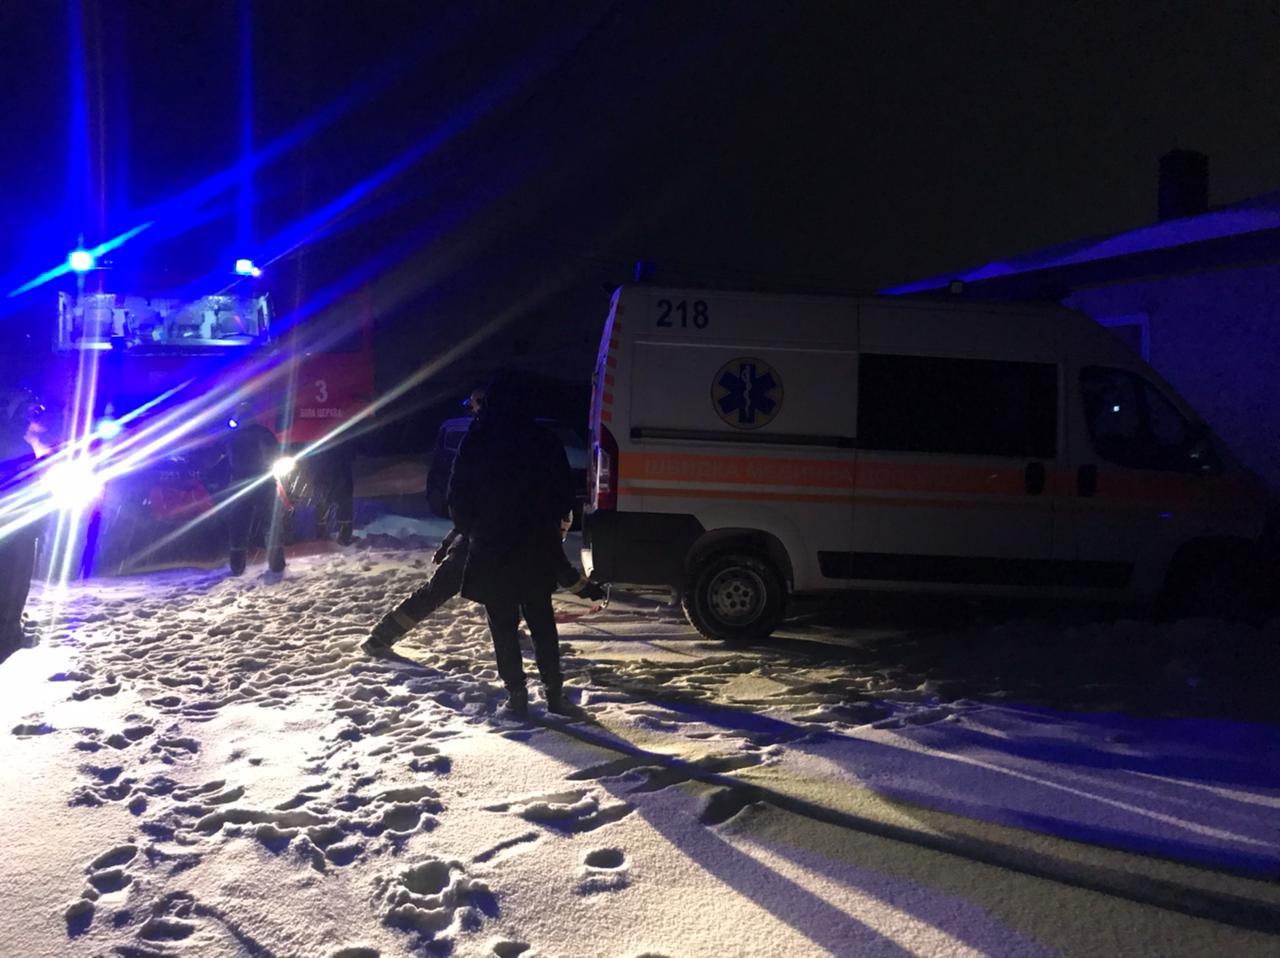 На Білоцерківщині в снігу застрягла швидка із хворим - Швидка допомога, снігопад, негода - 2021 02 09 at 06.58.32